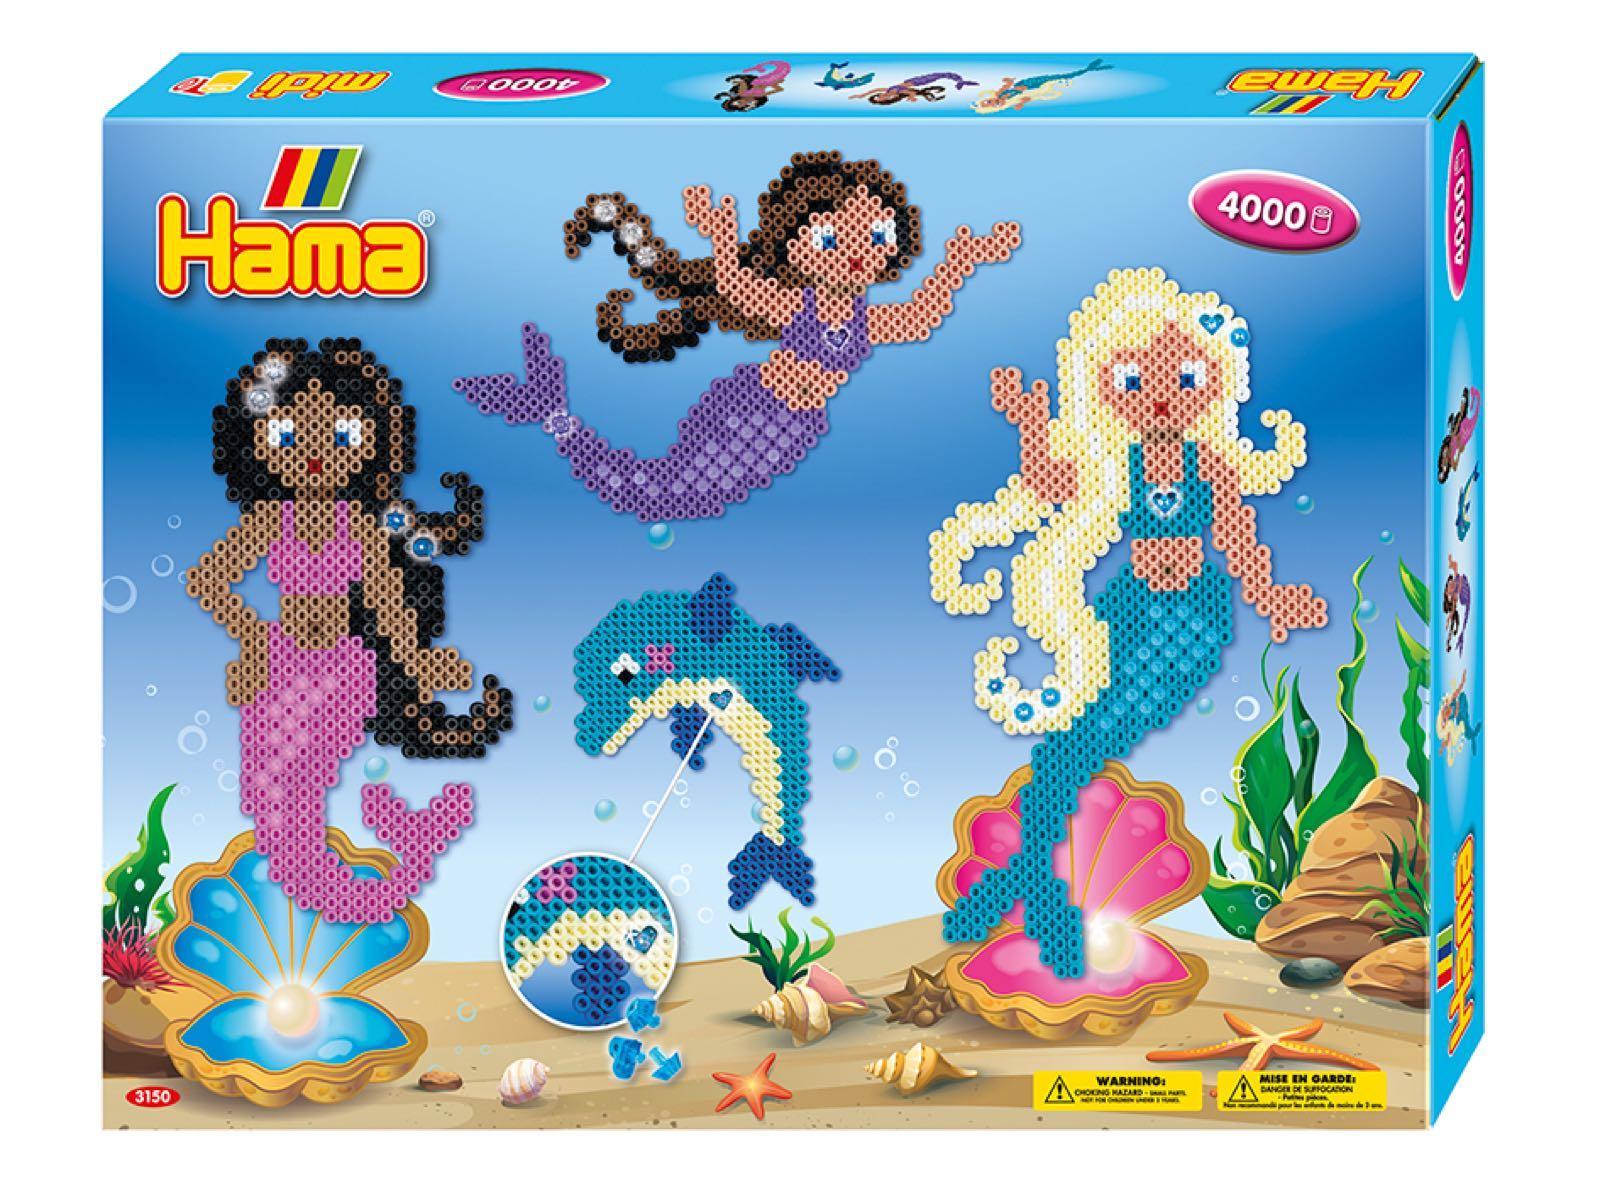 Hama Midi gavesett med havfruer